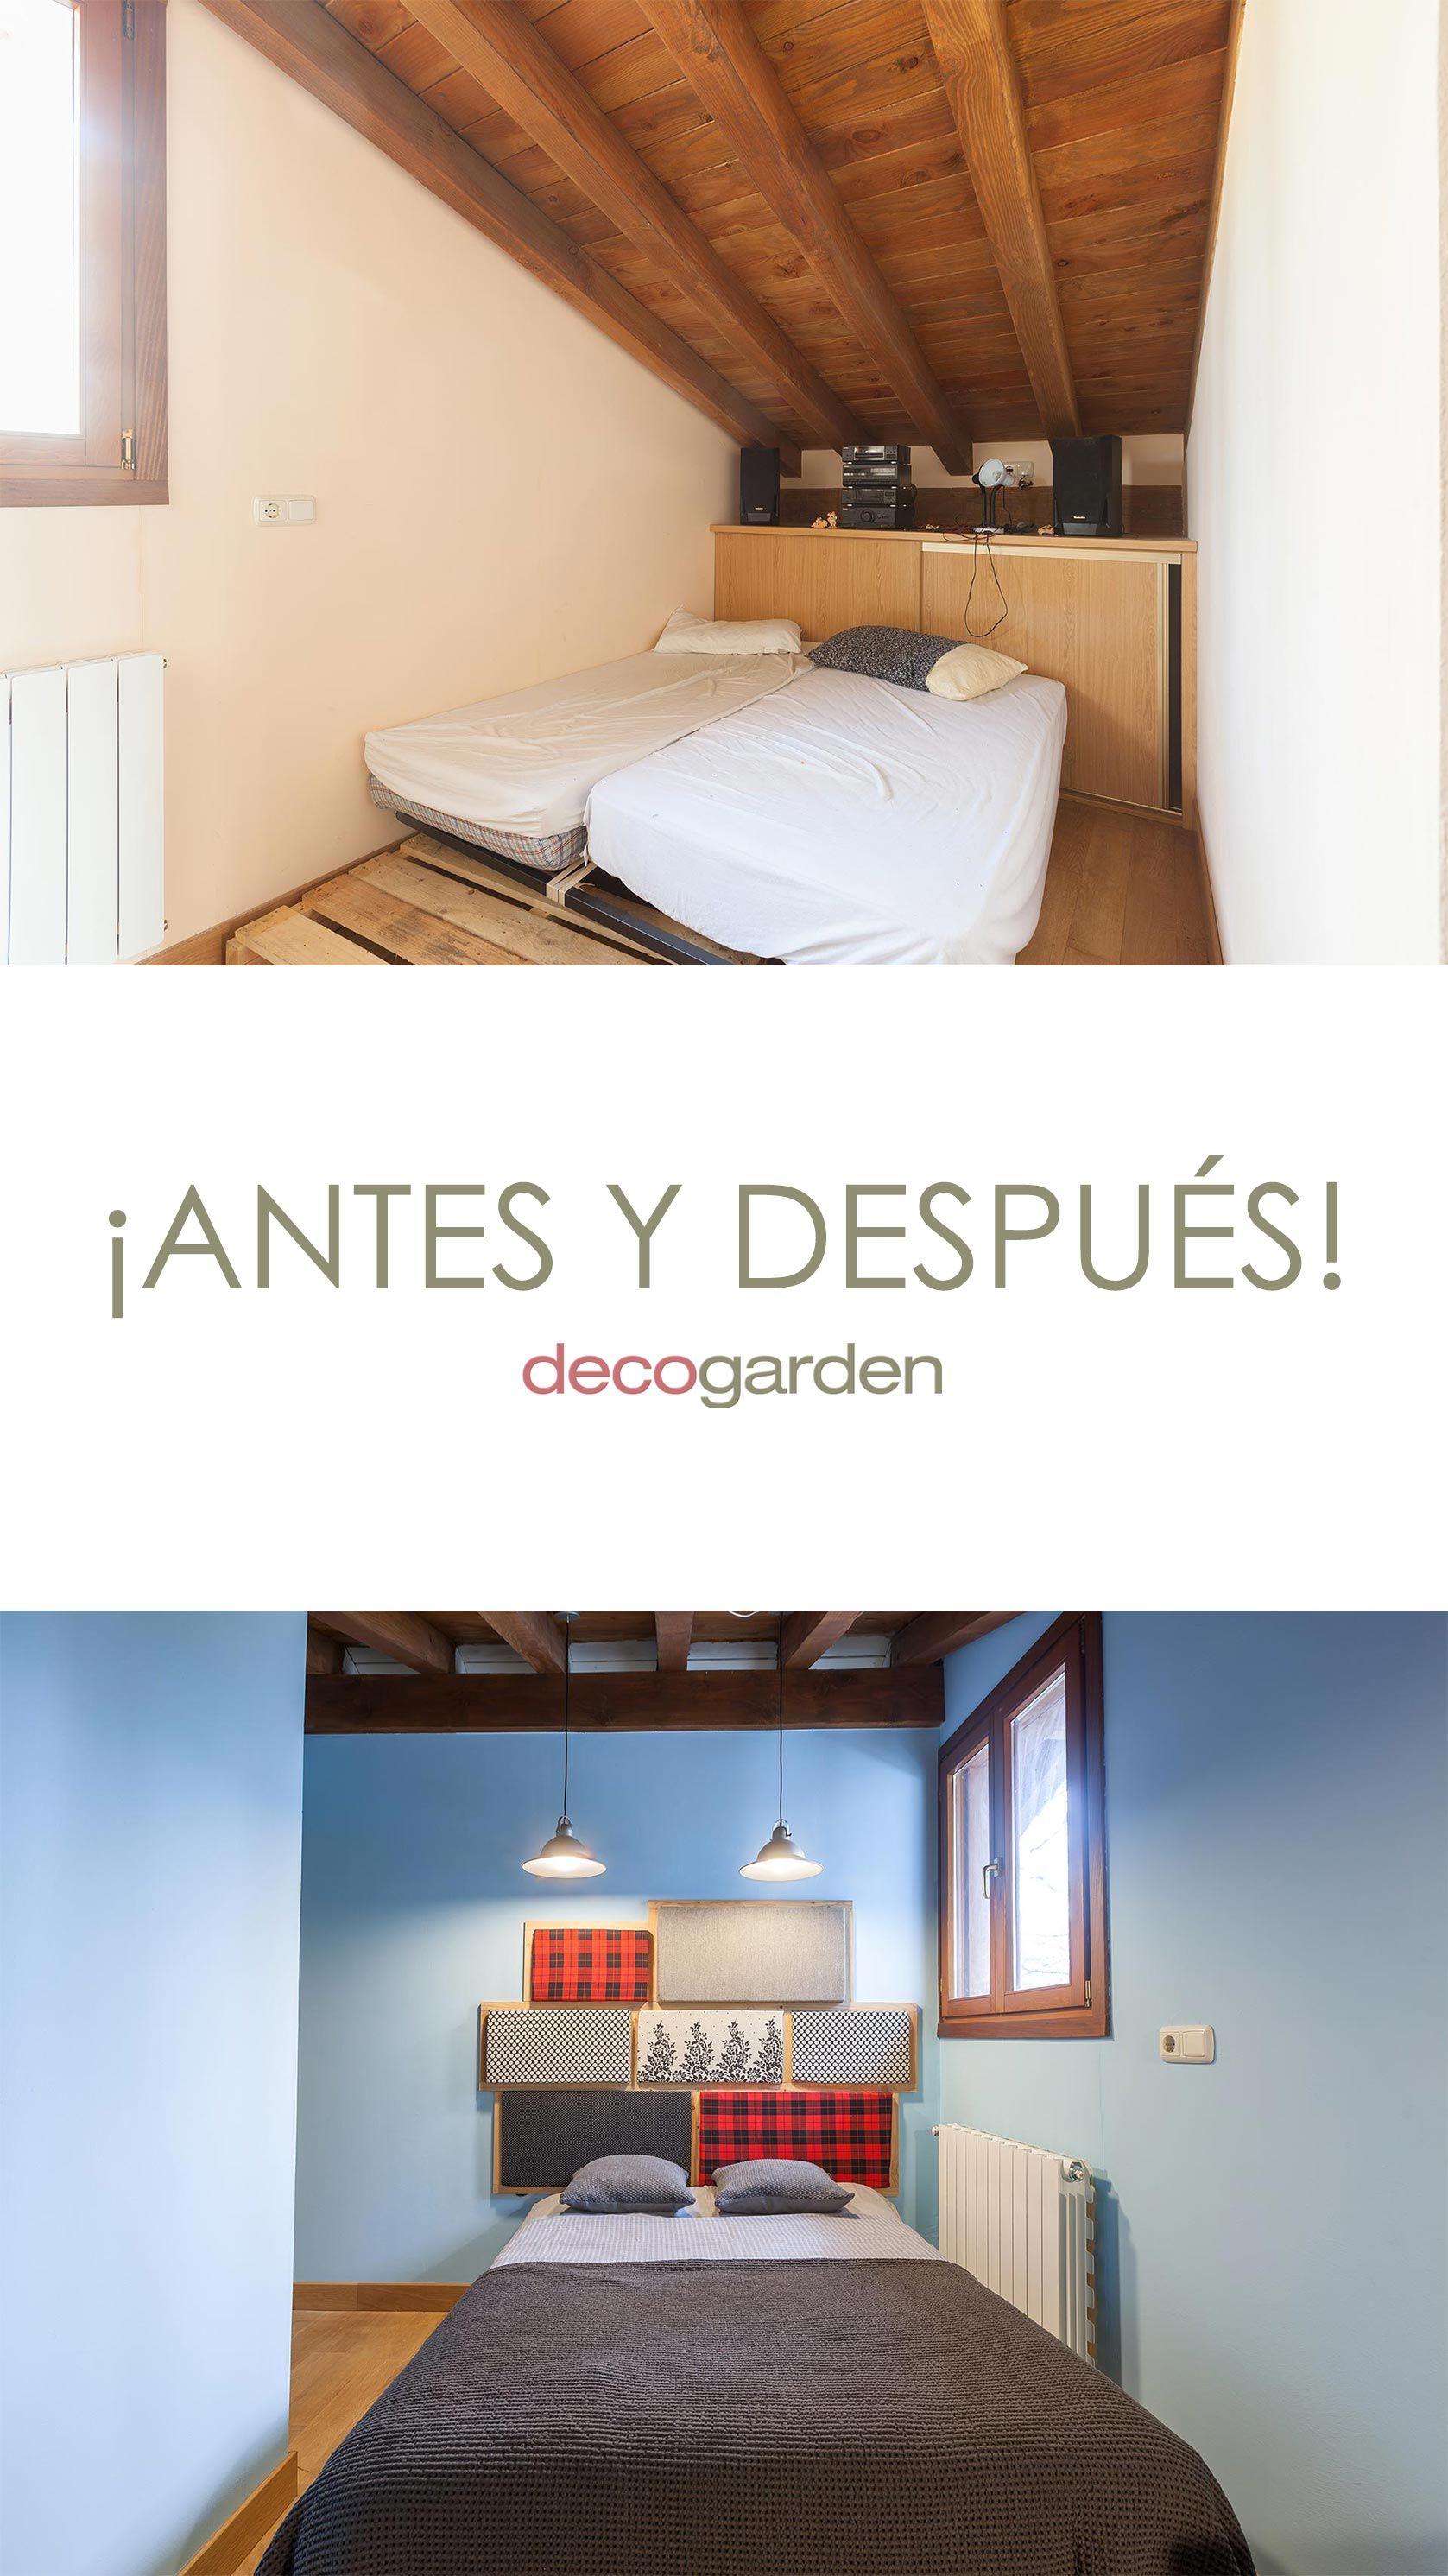 Habitación de invitados confortable y organizada en ático